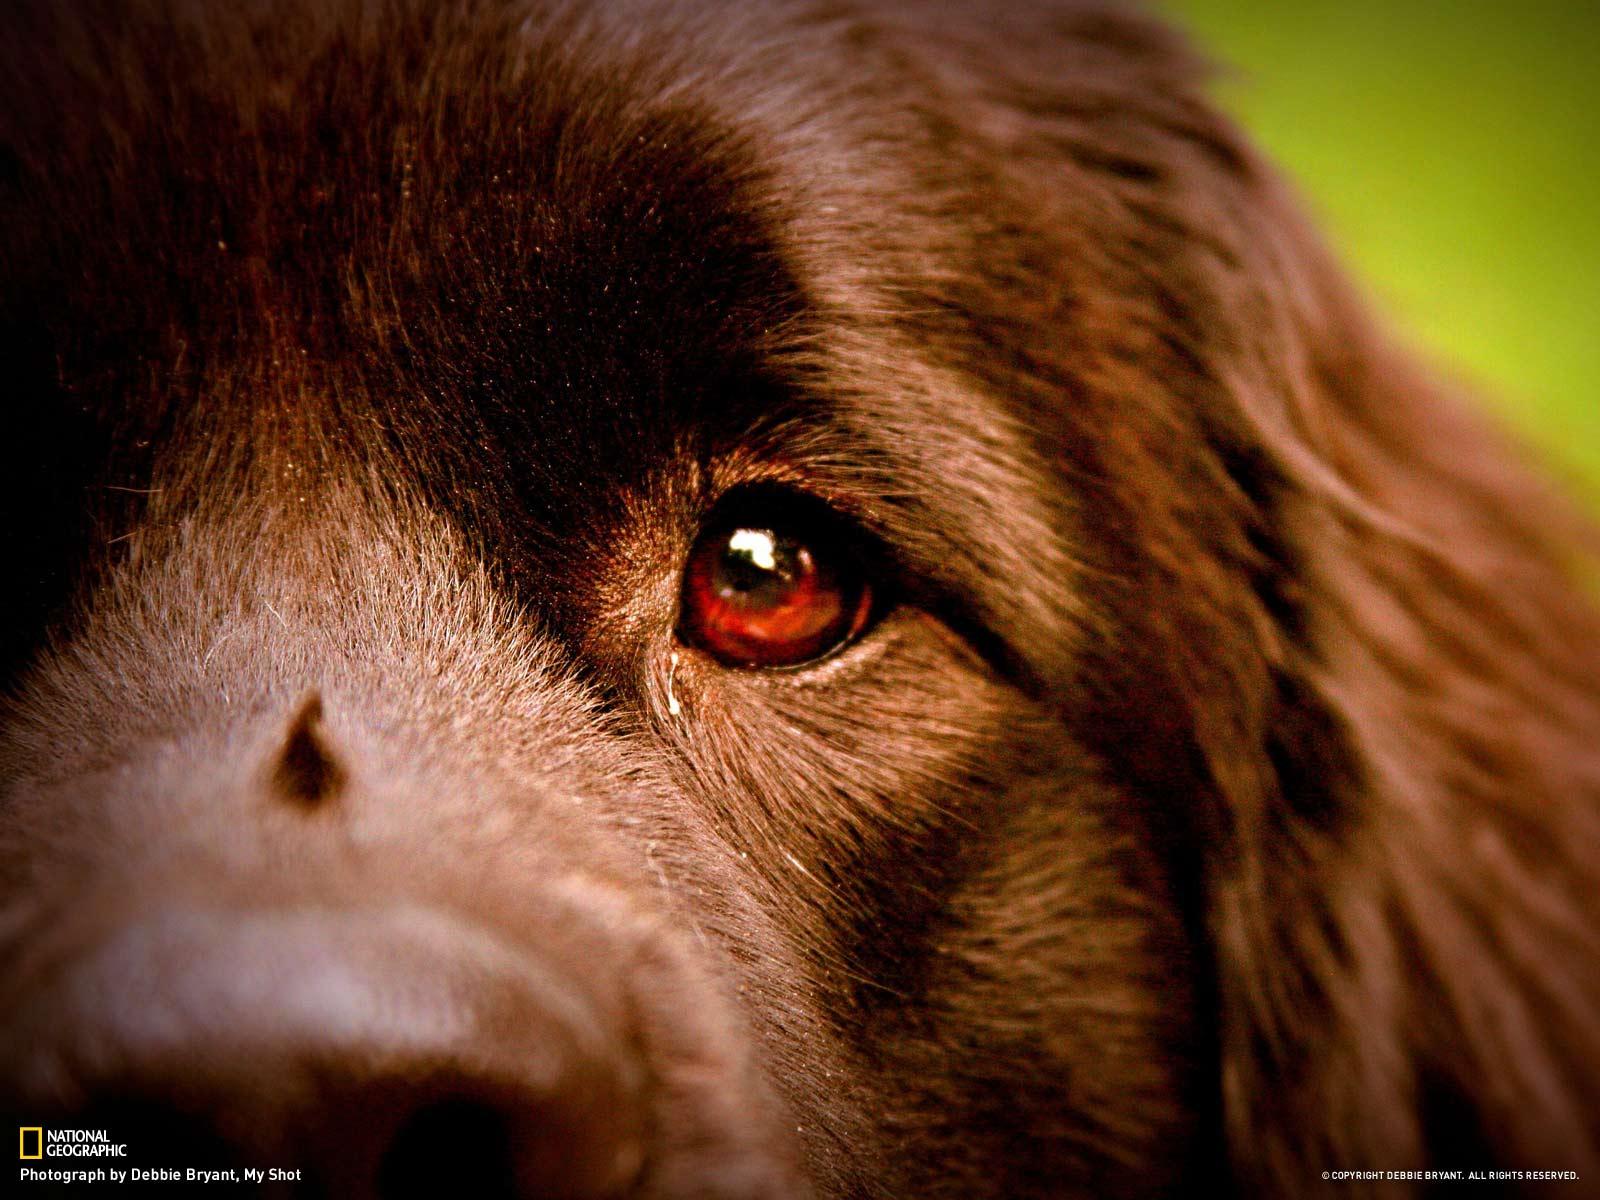 обои для рабоч стола ньюфаундленд собаки № 583915 бесплатно